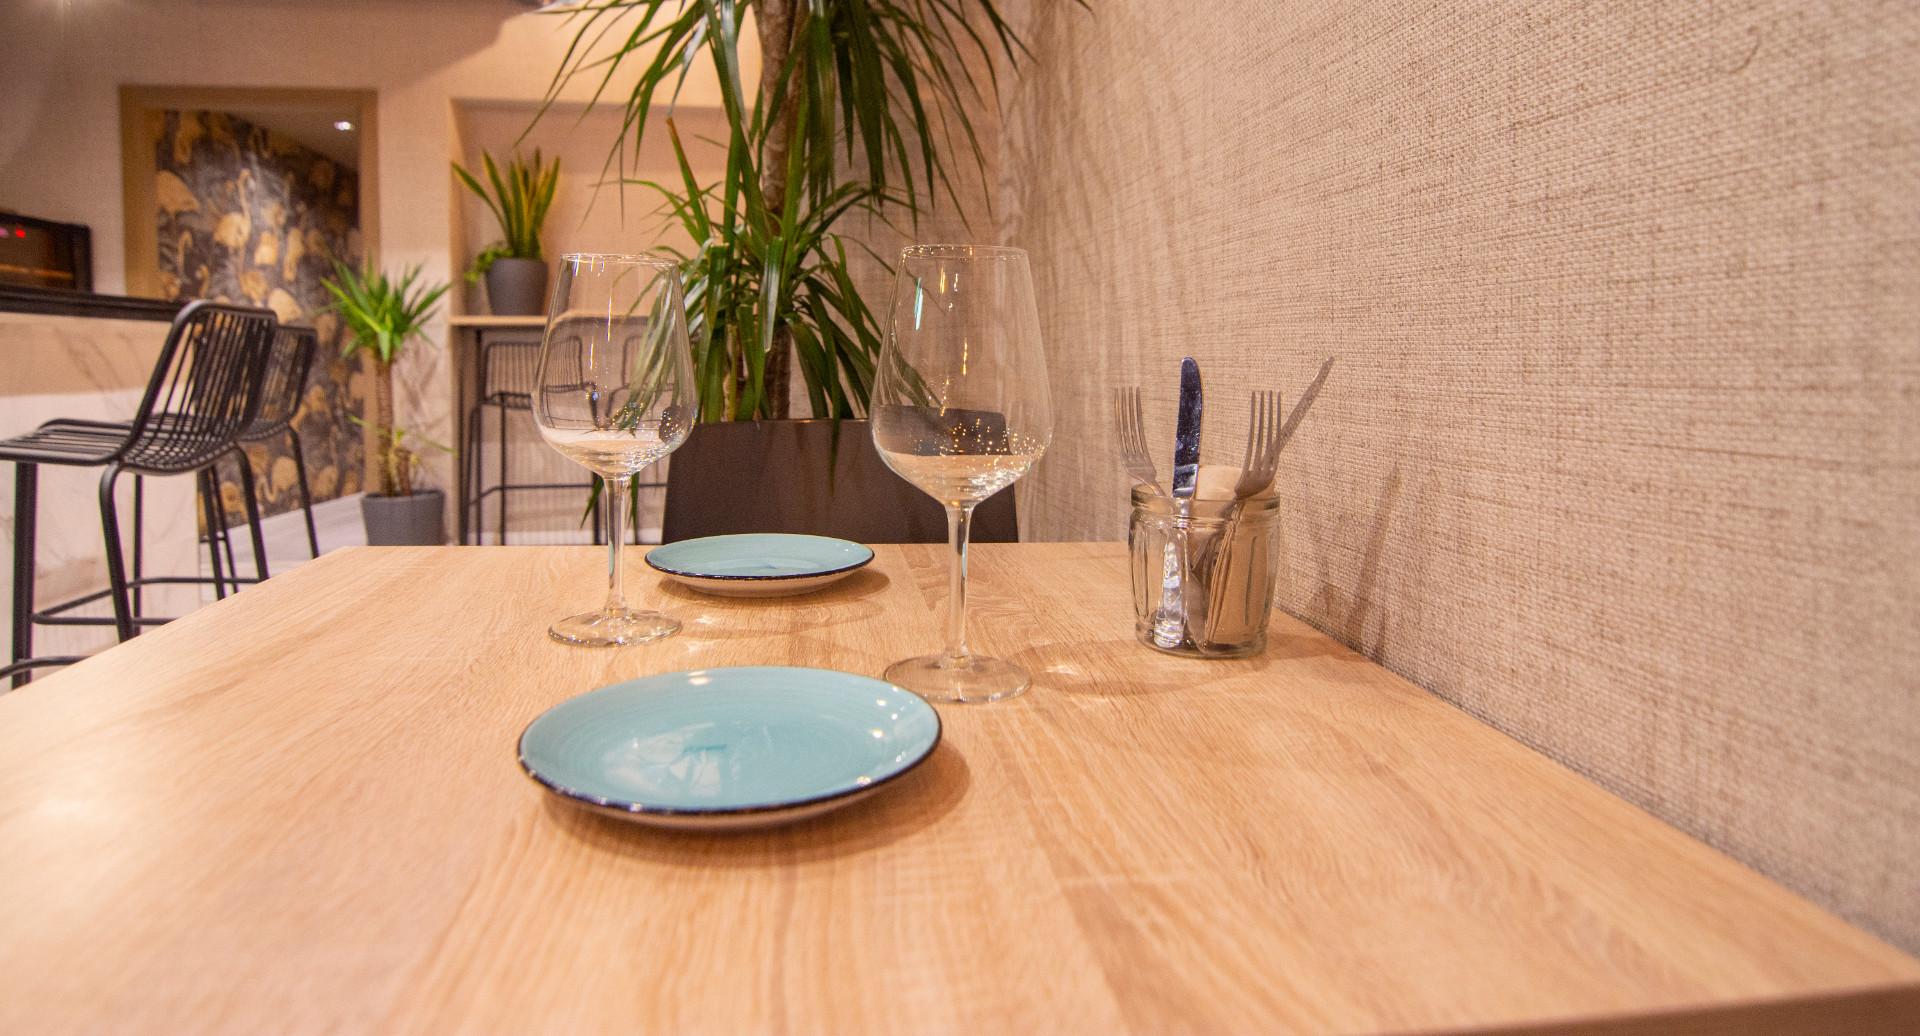 proyectos-interiorismo-interioristas-locales-comerciales-gastronomia-vinotecas-enotecas-restaurantes-bares-vinomio-gastrowine-valencia-14